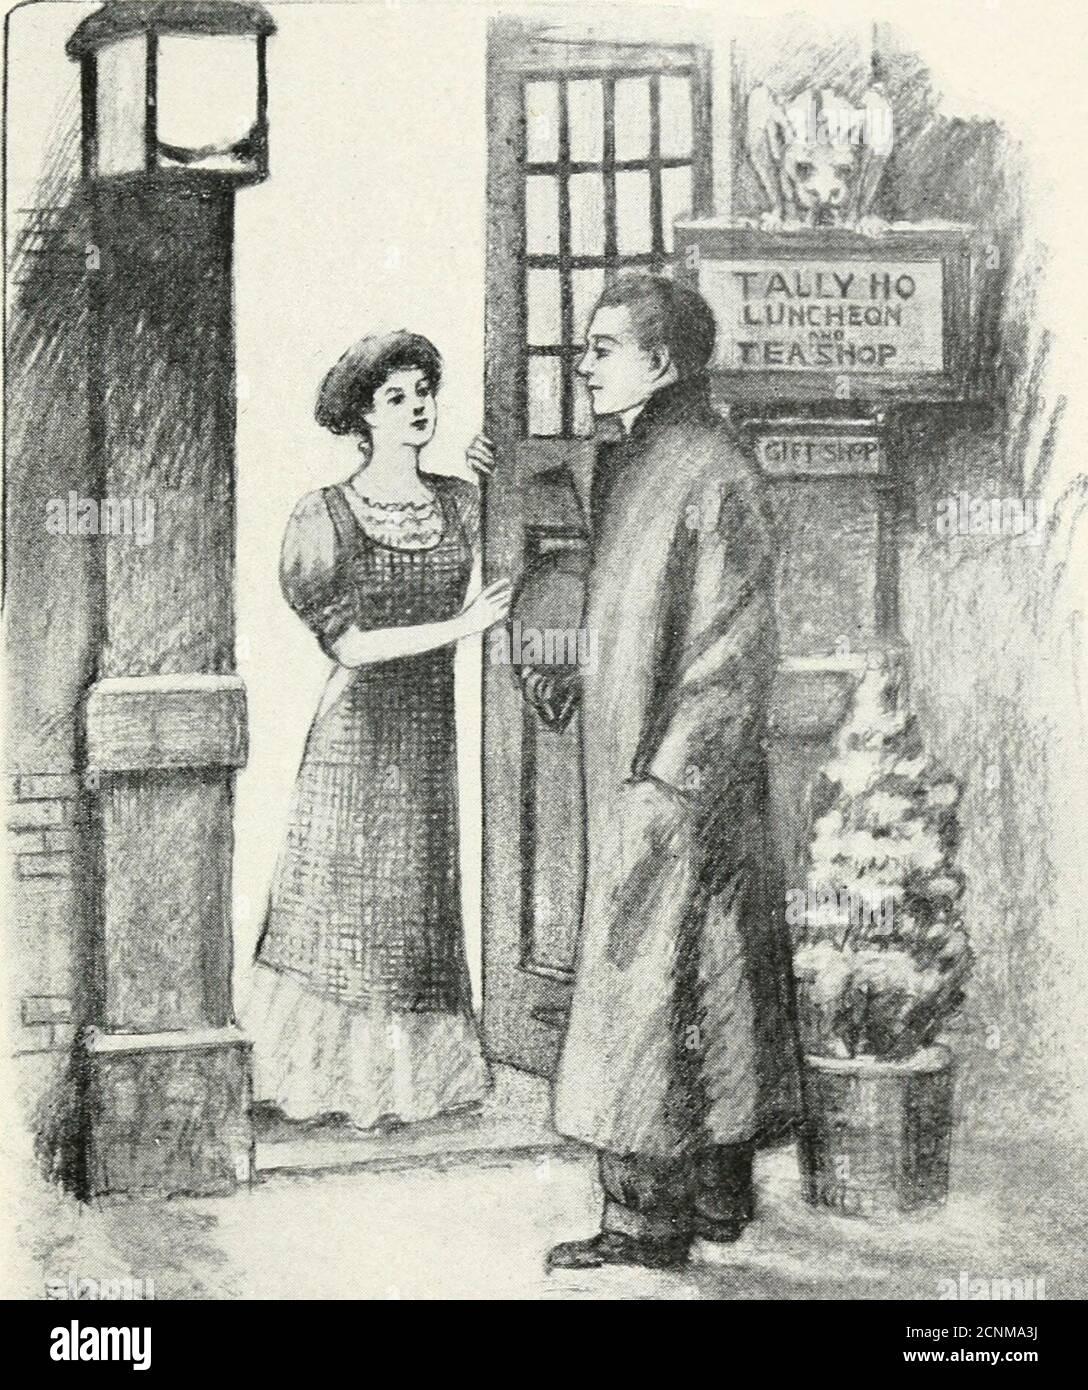 . Betty Wales & Co. : une histoire pour les filles . bbie Hildreth et non Betty, whohad compatissed à propos des soirées solitaires, a ouvert la porte de Young-Man-over-the-Fence, et après un figetrès bon-eveningtenu frognant dans le silence désapprouvant alors qu'il attendait pour lui expliquer lui-même. Je suis venu me poser la question, c'est-à-dire que je voulais me demander de passer une commande. Je suppose que je sordnthave venir ce soir, seulement j'étais dans un hurrypour faire régler les choses immédiatement. Miss est-elle la jeune femme qui s'assoit à son bureau ? ne la voit-elle pas ? Je ne sais pas, Babbie lui a dit collement.* vous ne pouvez pas dîner ici, 3^ou savoir.ce magasin de thé ferme à si Banque D'Images